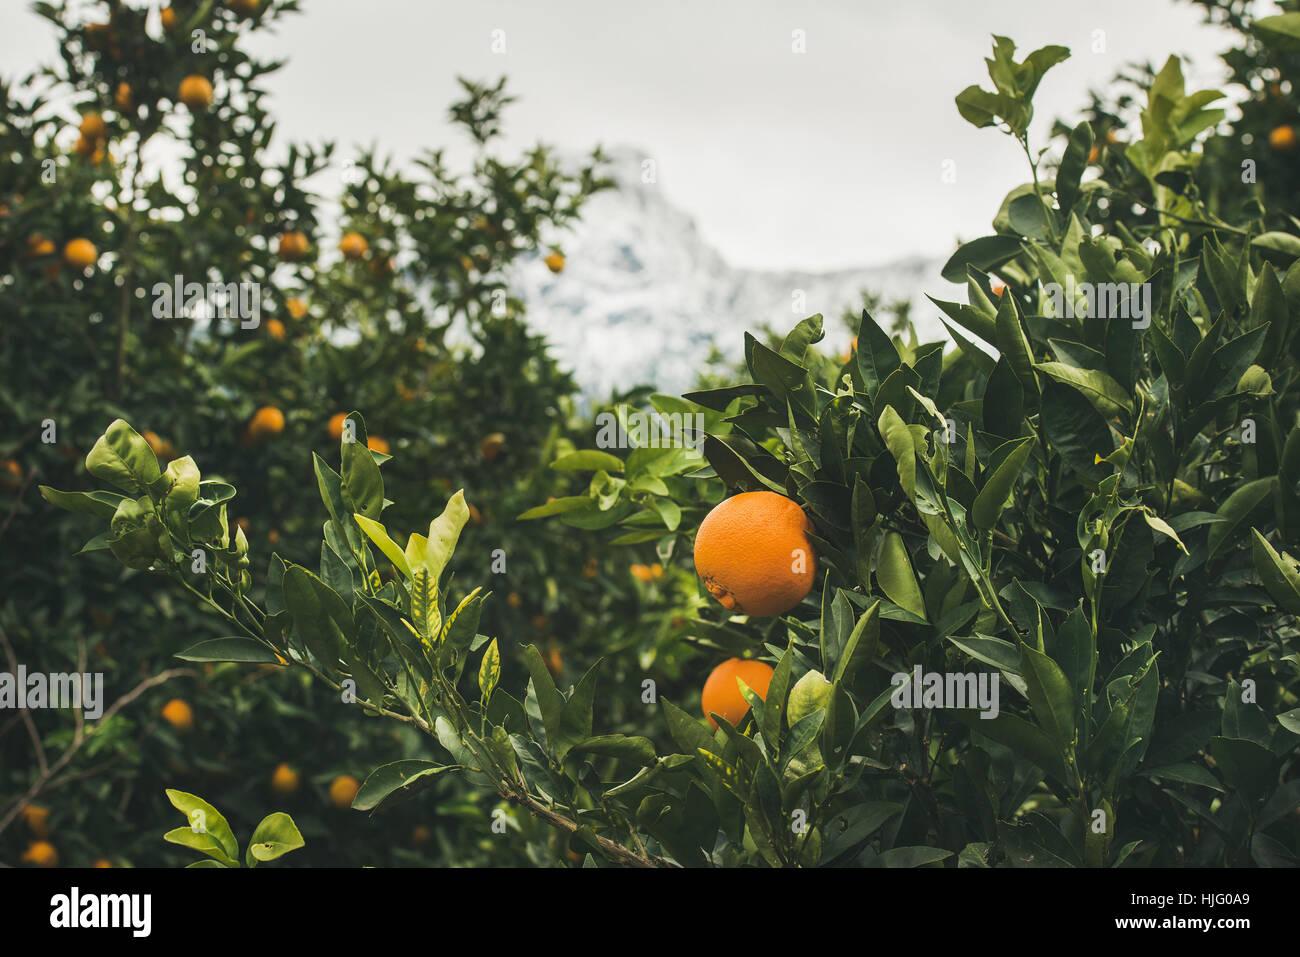 Orange trees with ripe oranges in the mountain garden, Turkey - Stock Image